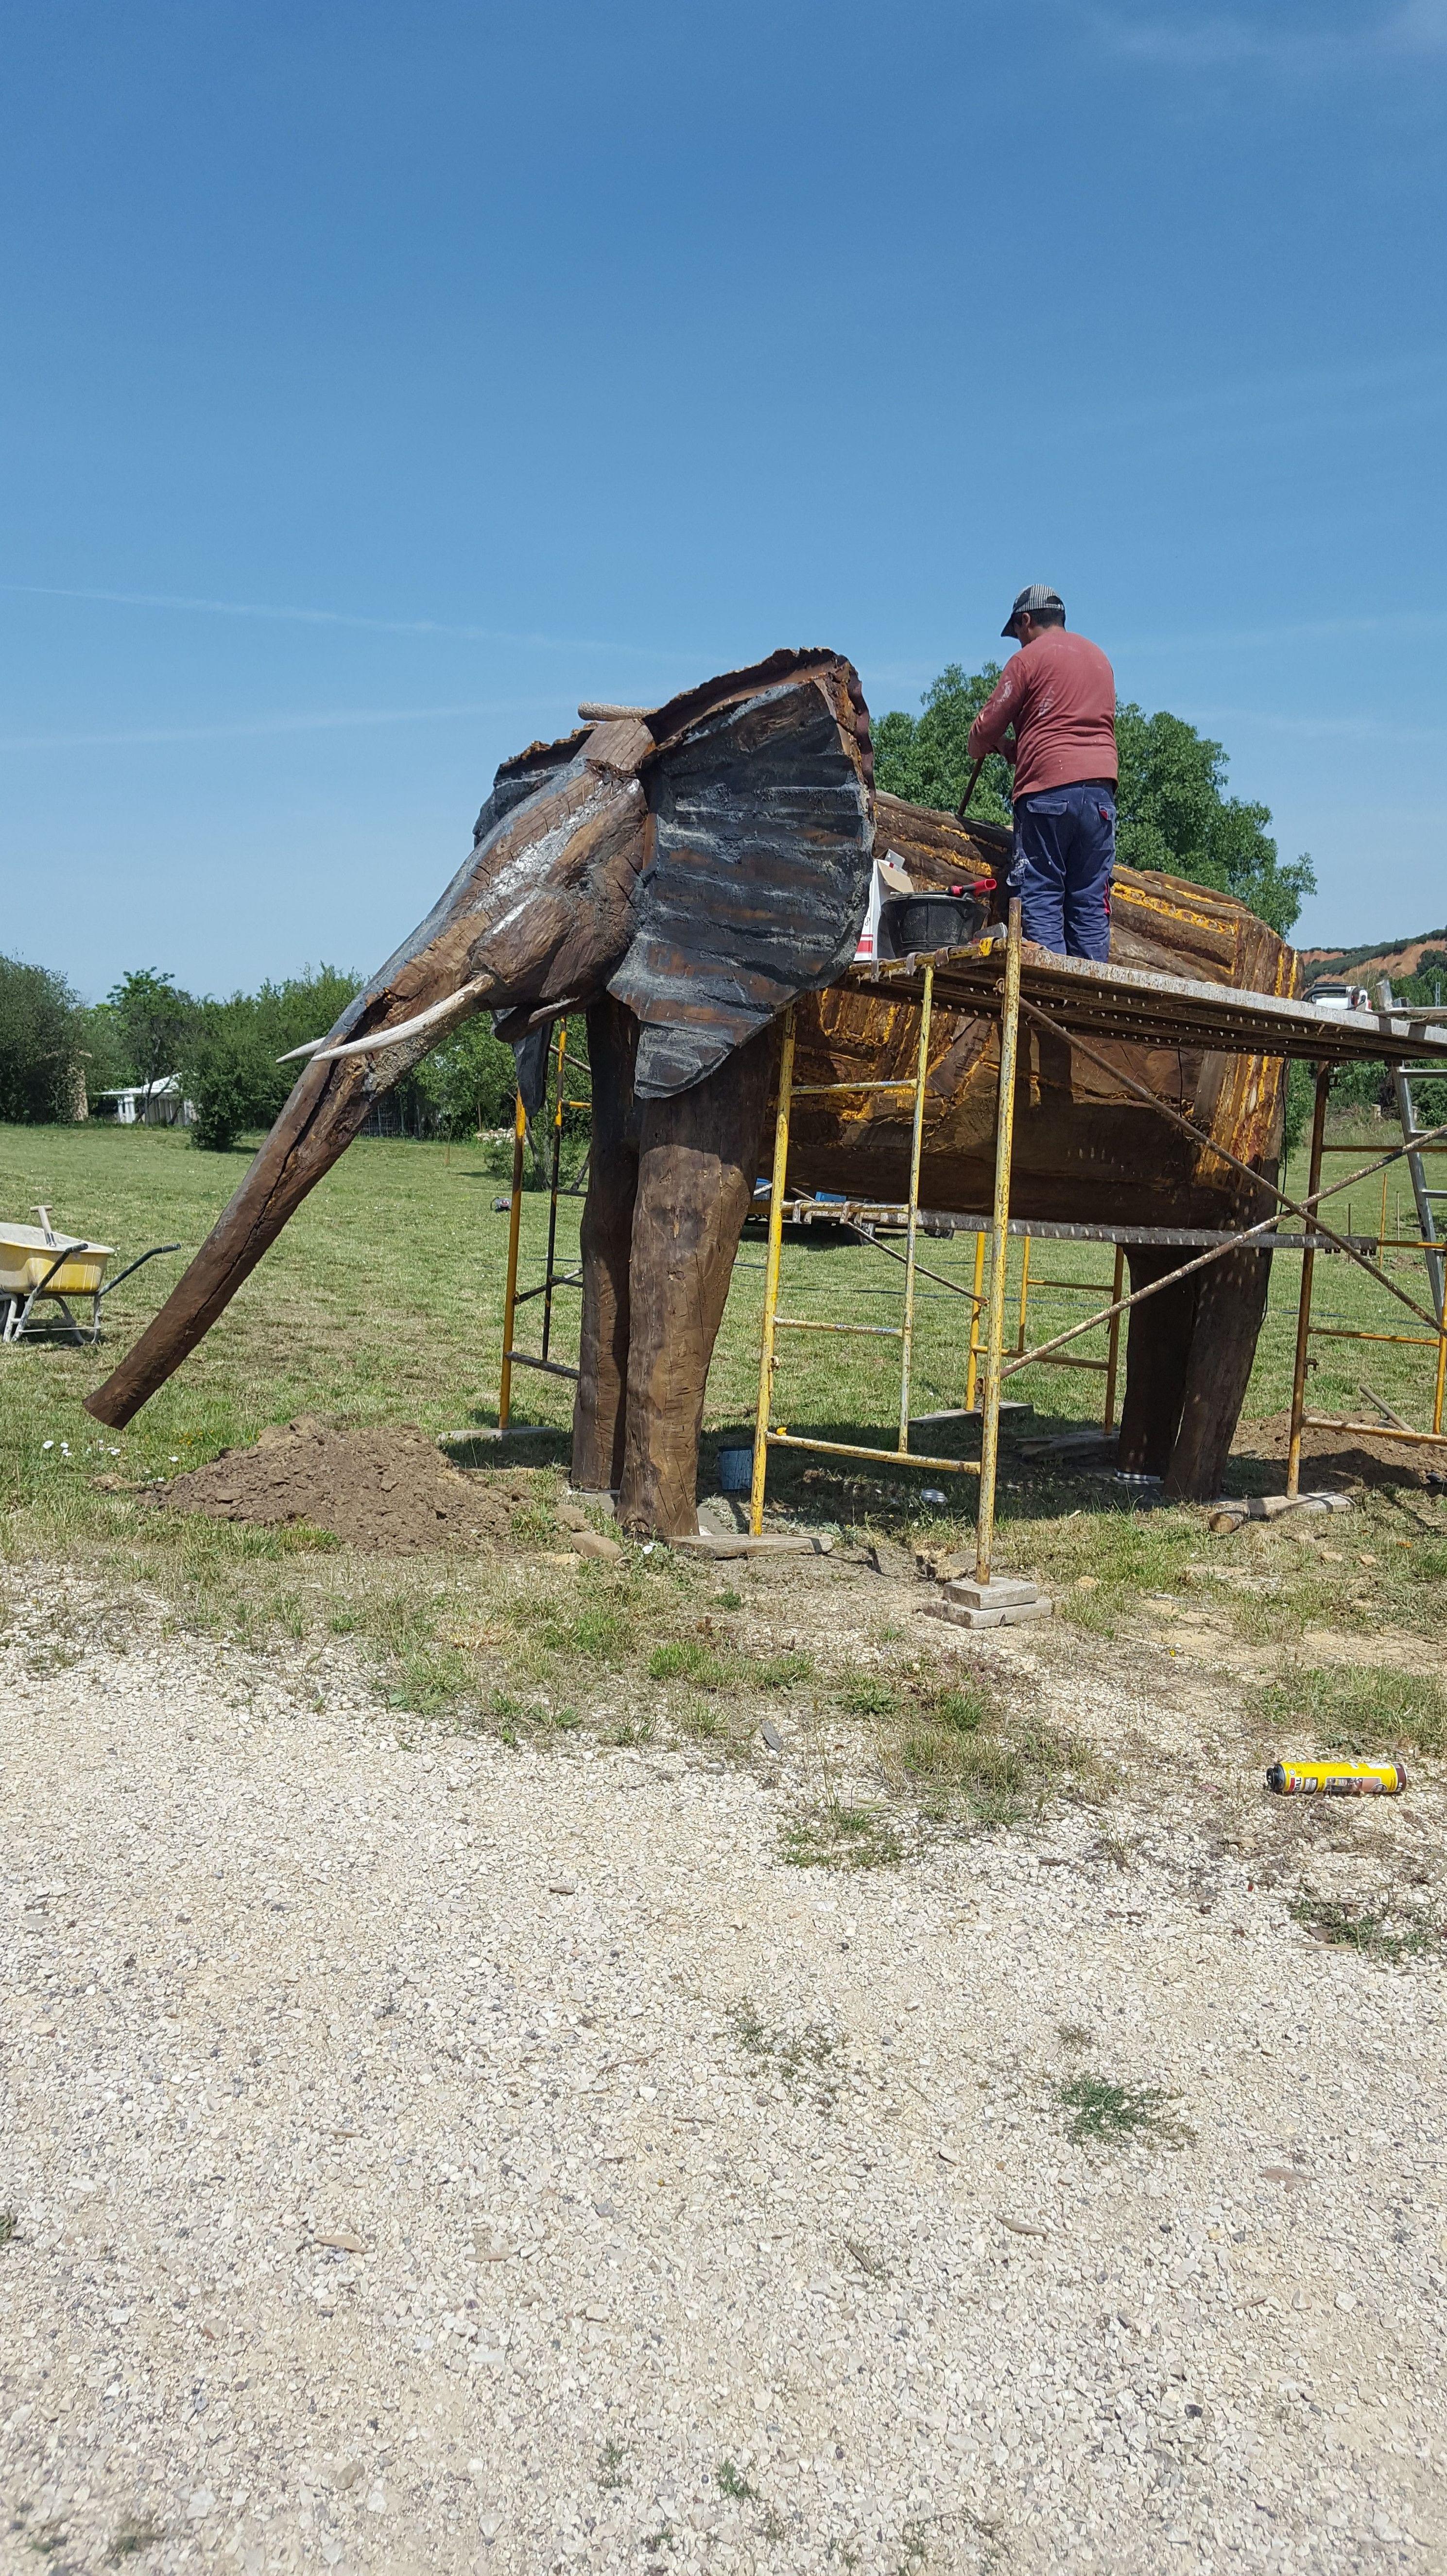 un elefante de madera hecho a mano.